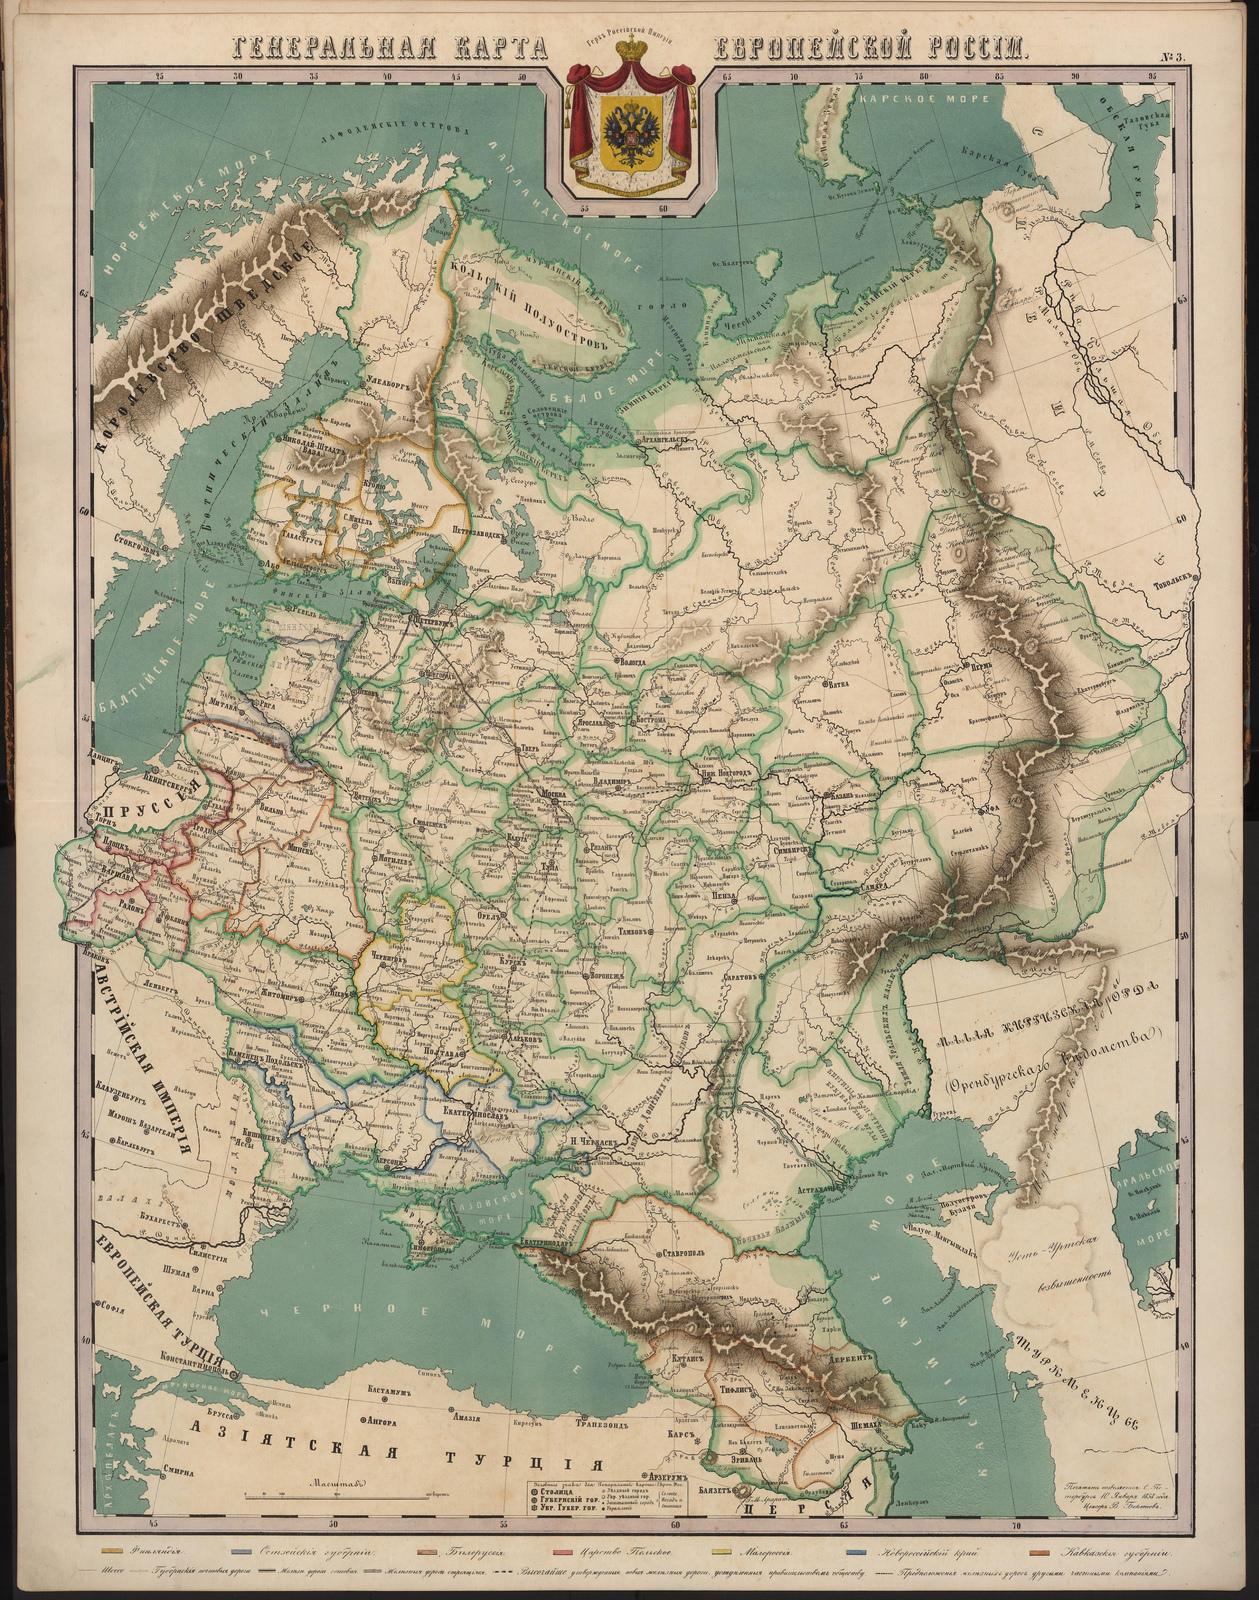 03. Генеральная политическая карта Европейской России